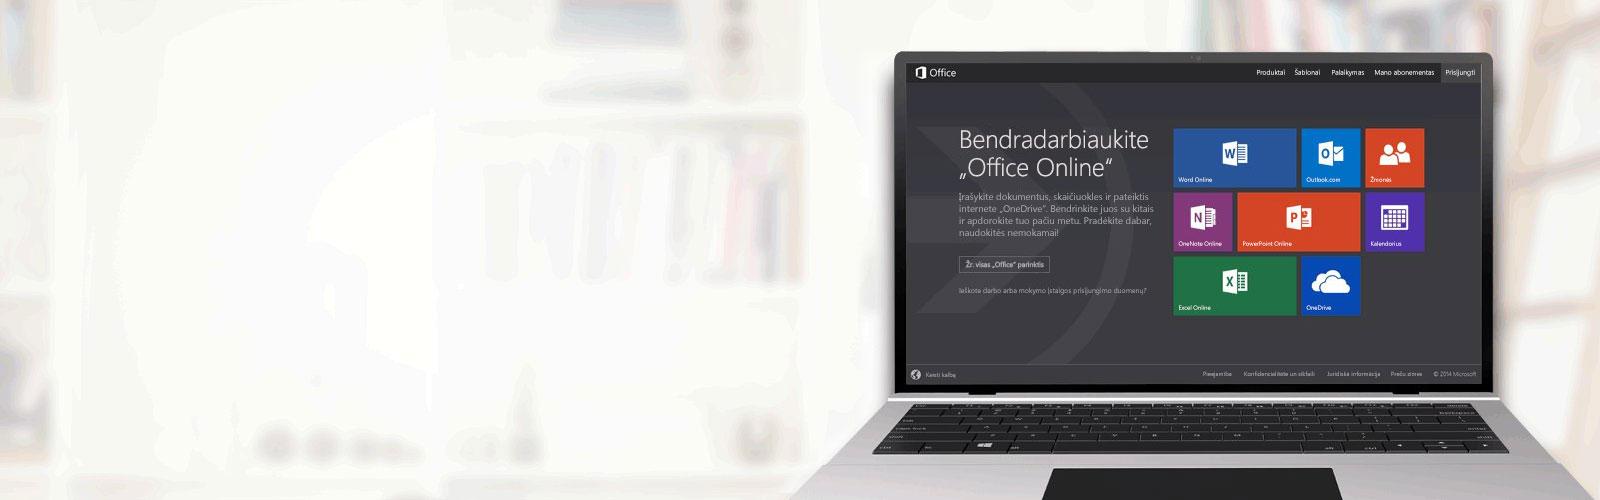 """Bendradarbiaukite """"Office Online"""""""